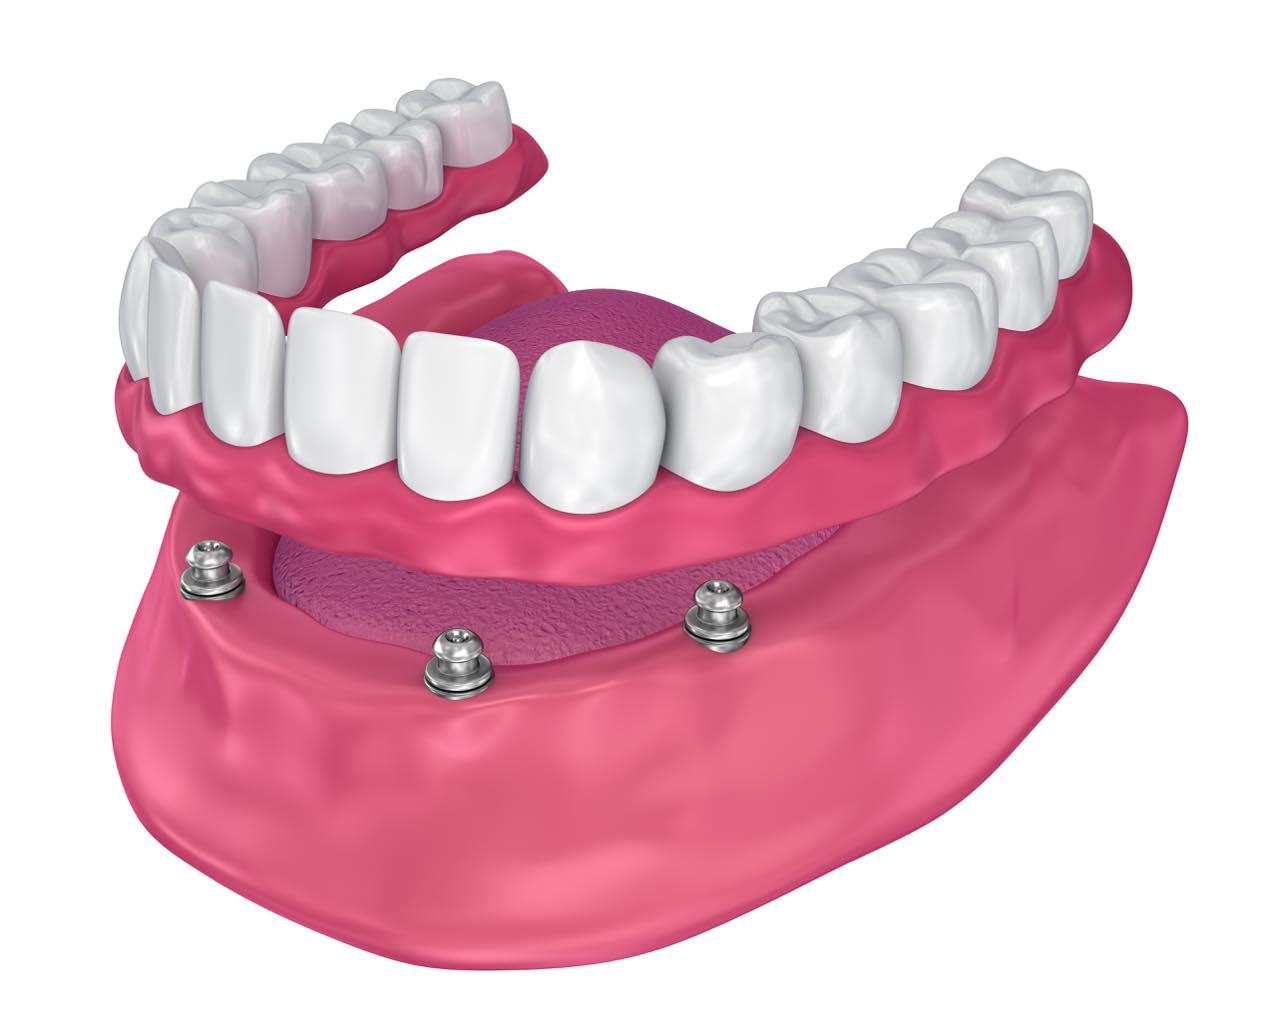 総入れ歯をインプラントで固定するオーバーデンチャーとは